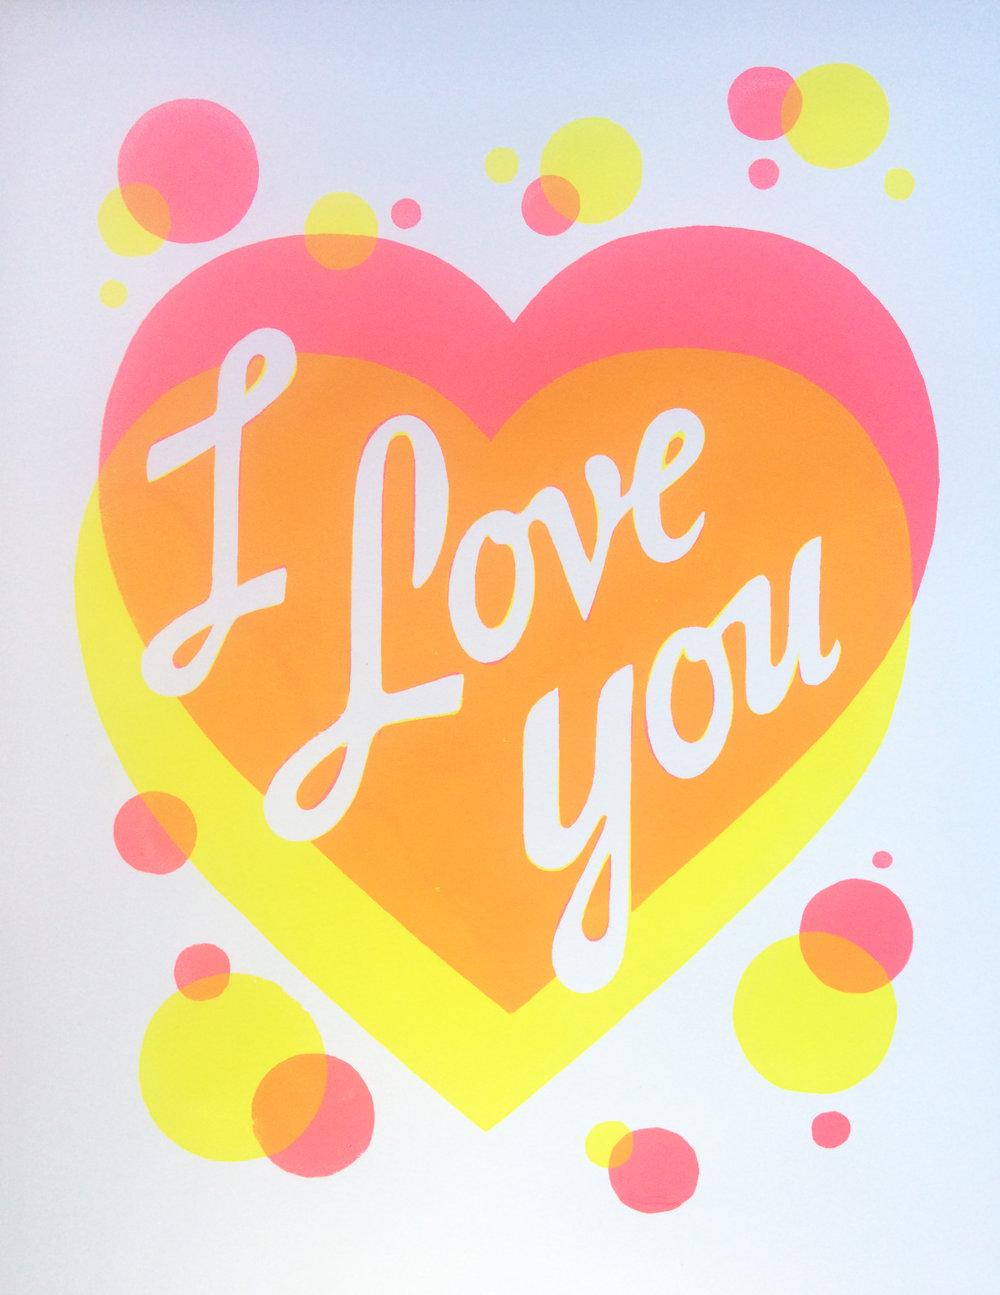 iLoveYou_PinkYellow_AEskridge.jpg